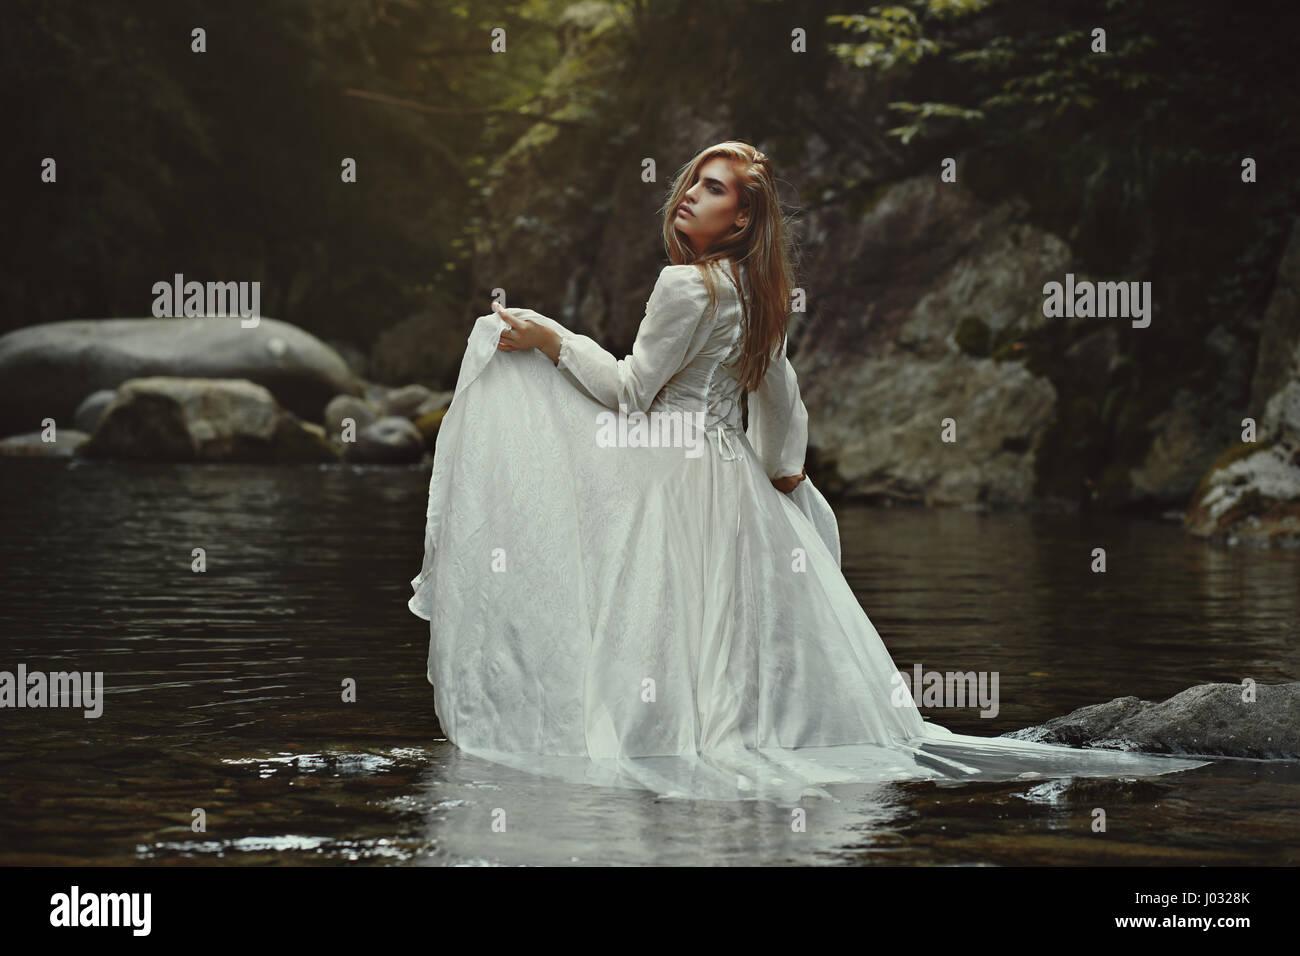 Schöne ätherische Frau in mystischen Gewässern. Fantasie-Teich Stockbild